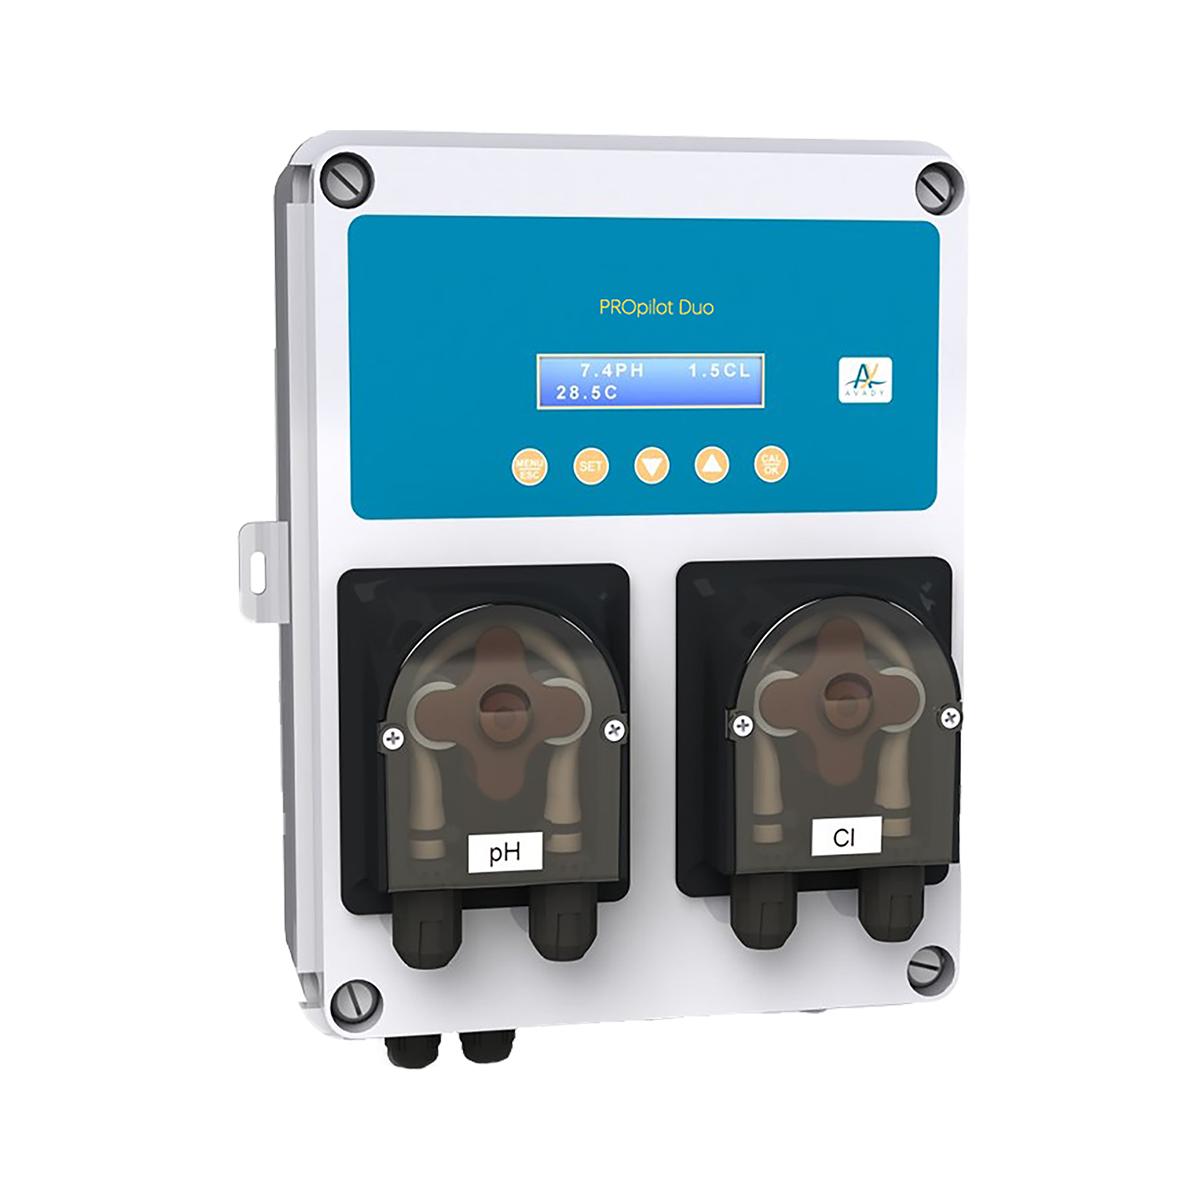 Smart Wasseraufbereitungssystem PROpilot Duo pH Redox, 1,5l/h pH Minus und Chlordosierung, inkl. 2 in 1 Sensorhalter, d50 & d63  Smart Wasseraufbereitungssystem PROpilot Duo pH Redox, 1,5l/h pH Minus und Chlordosierung, inkl. 2 in 1 Sensorhalter, d50 & d63